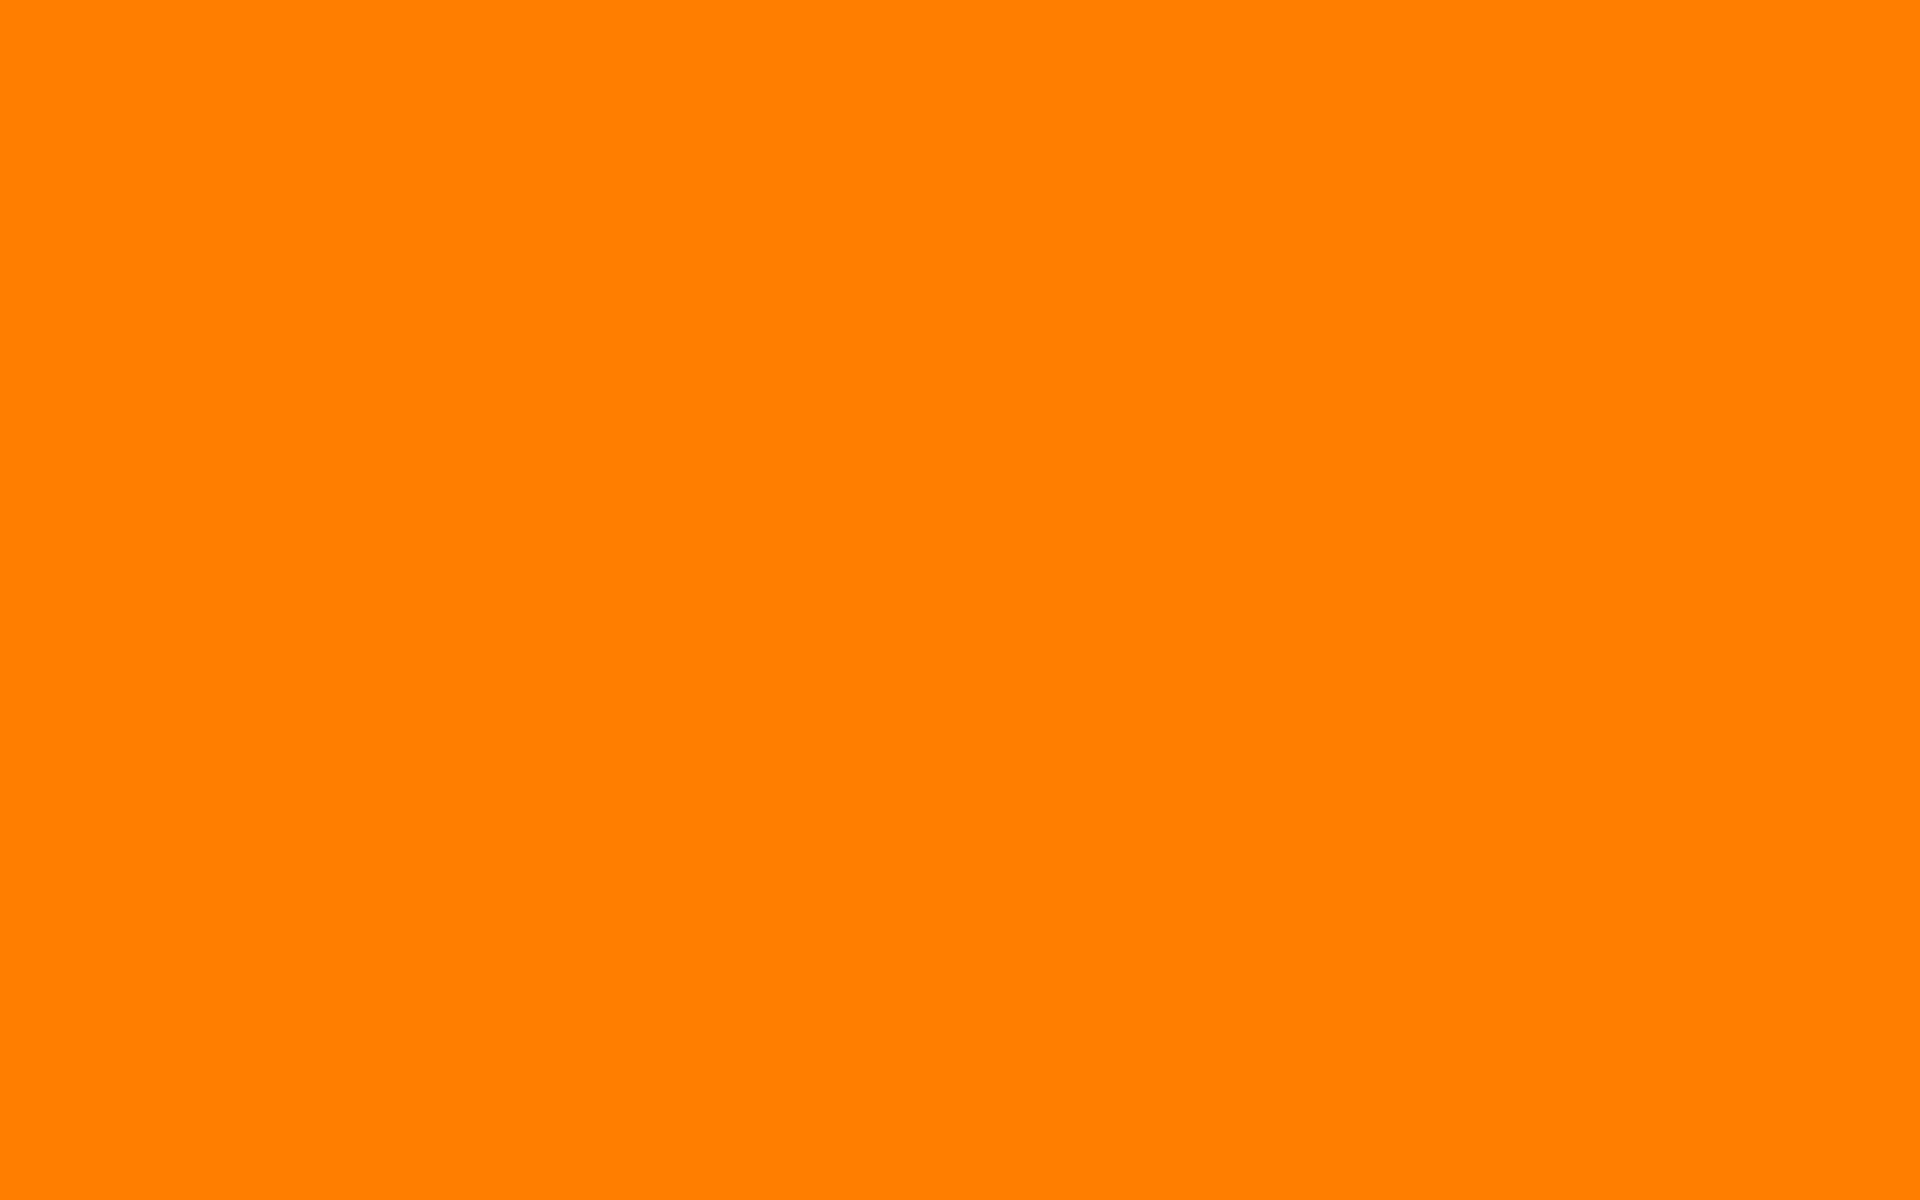 1920x1200 Amber Orange Solid Color Background